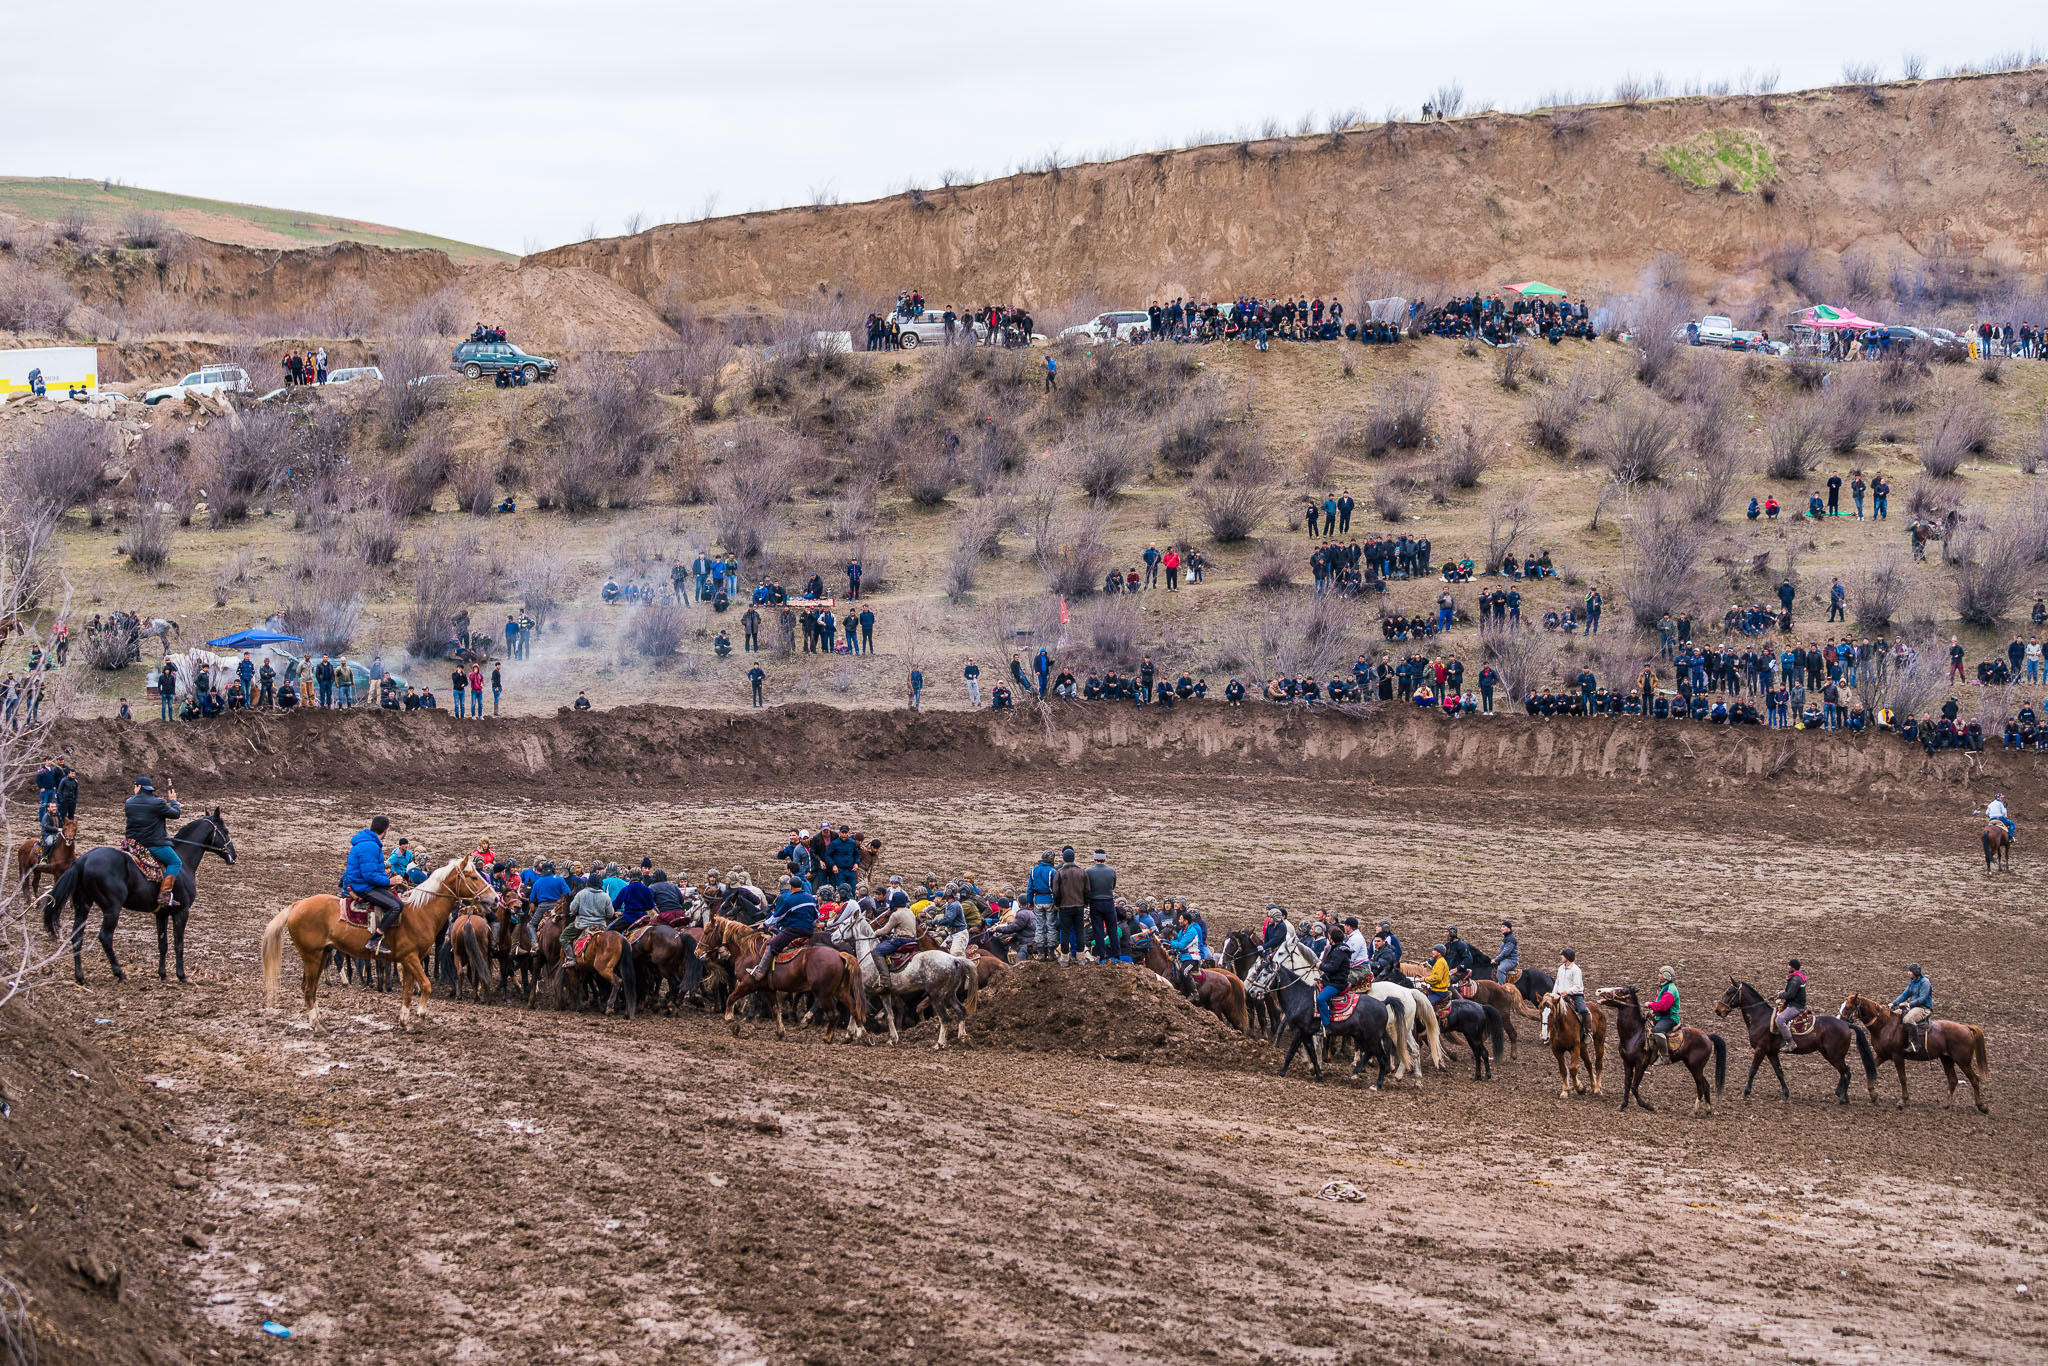 buzkashi-game-arena-mountain-valley-tajikistan-central-asia